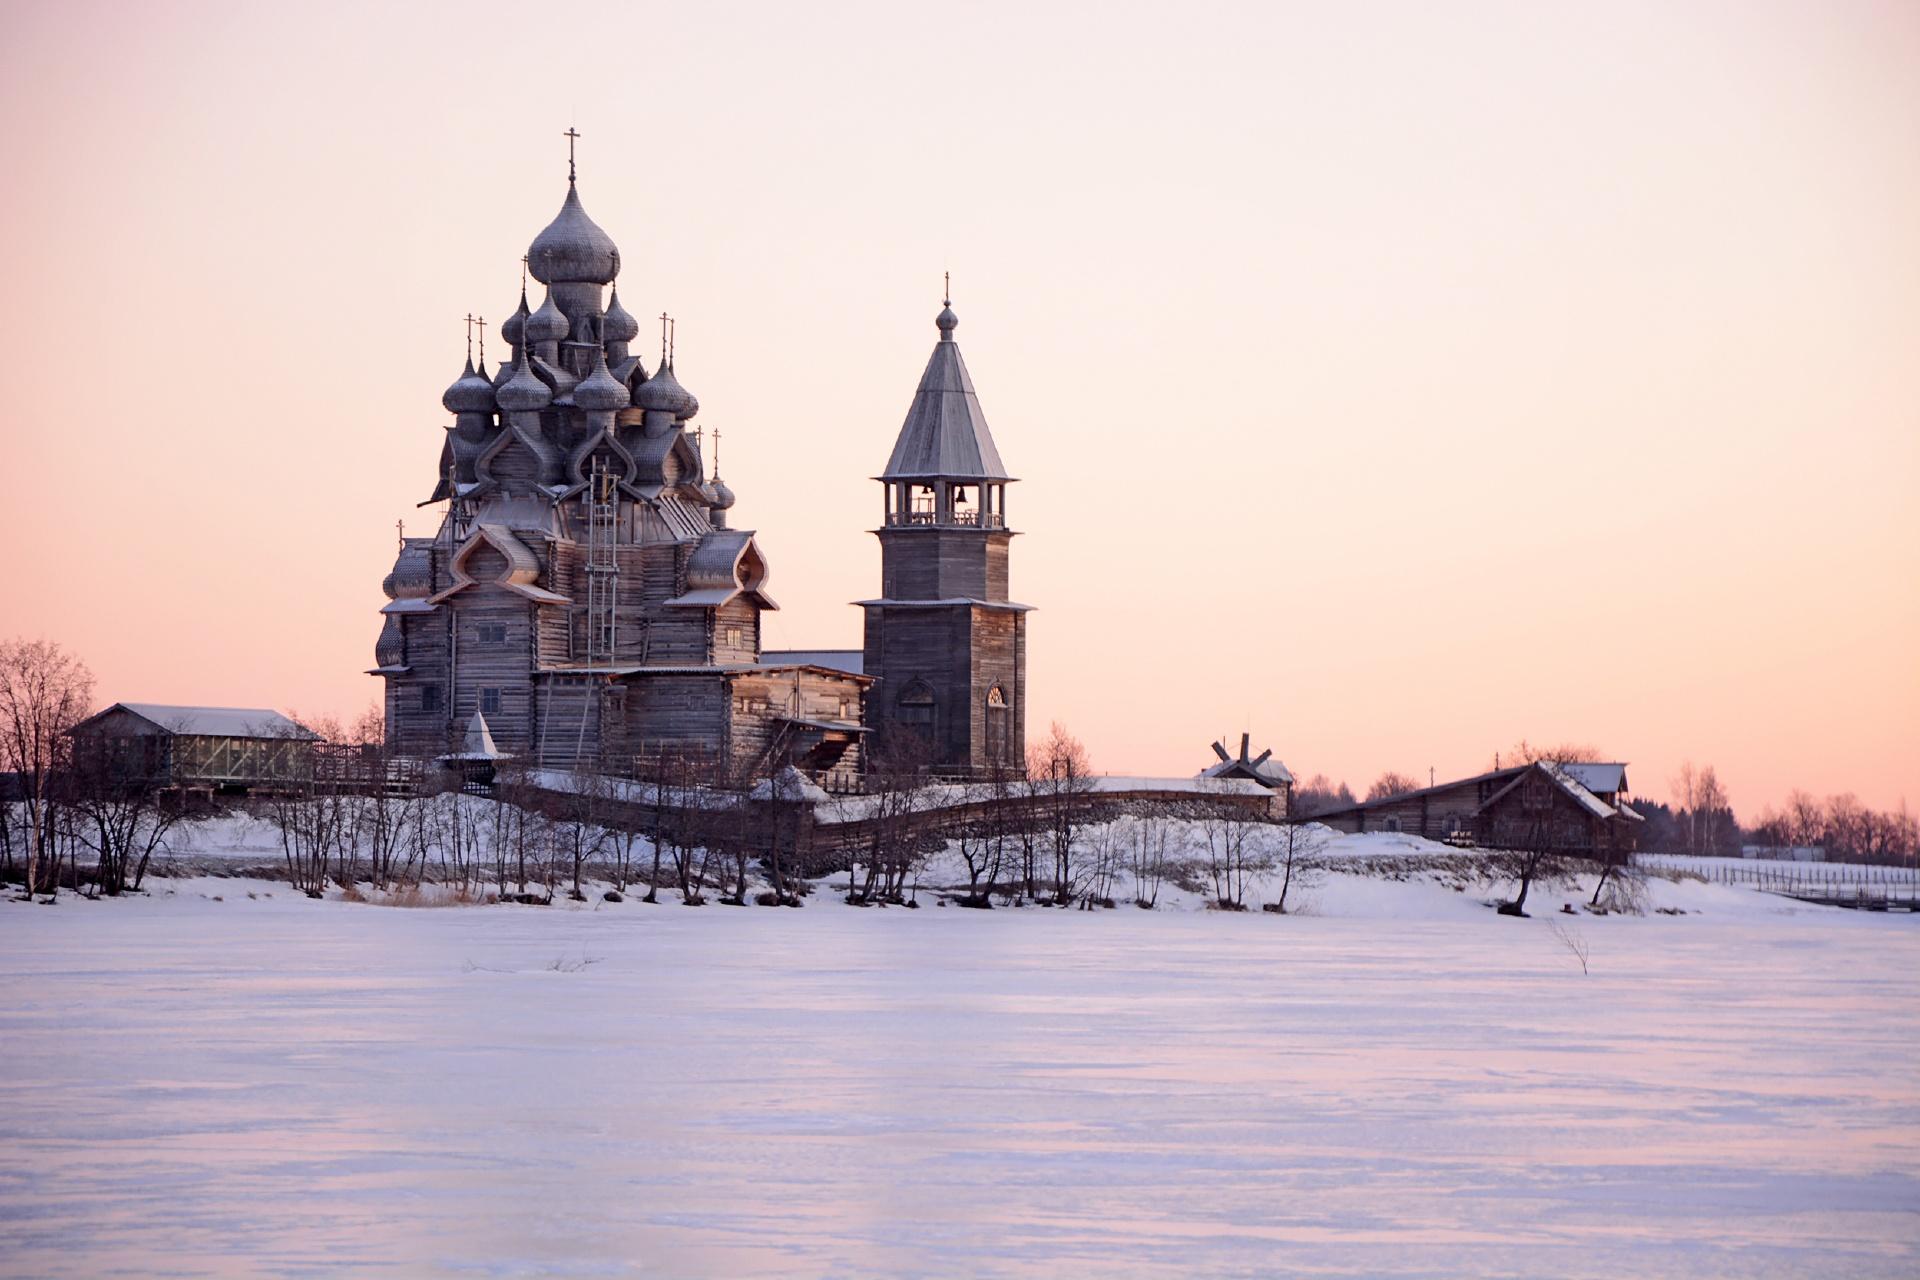 冬の夕暮れのキジ島の眺め カレリア共和国 ロシアの風景